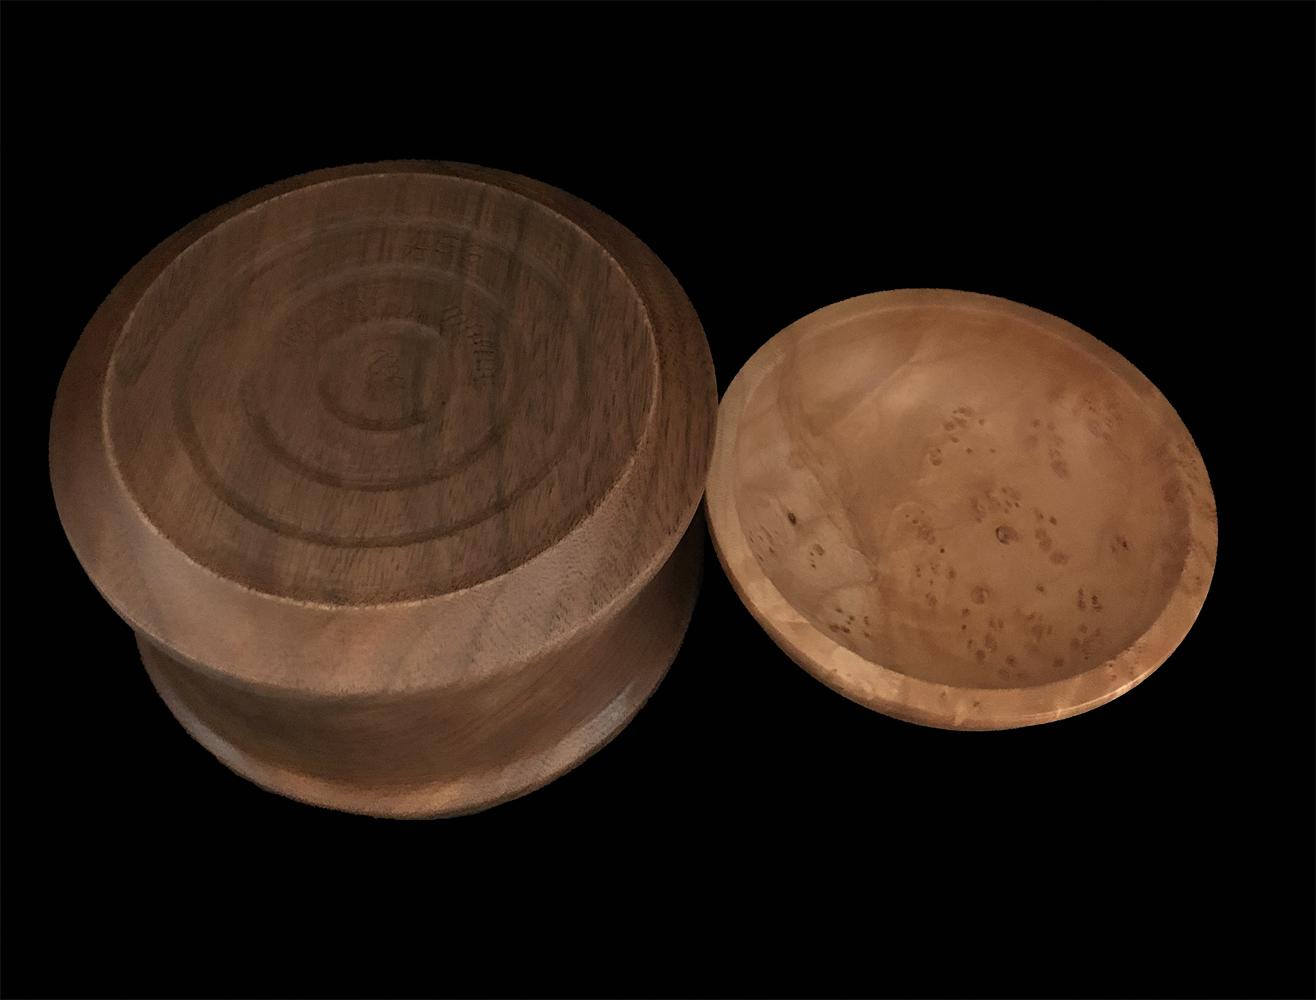 walnut box with birds eye maple lid and walnut finial